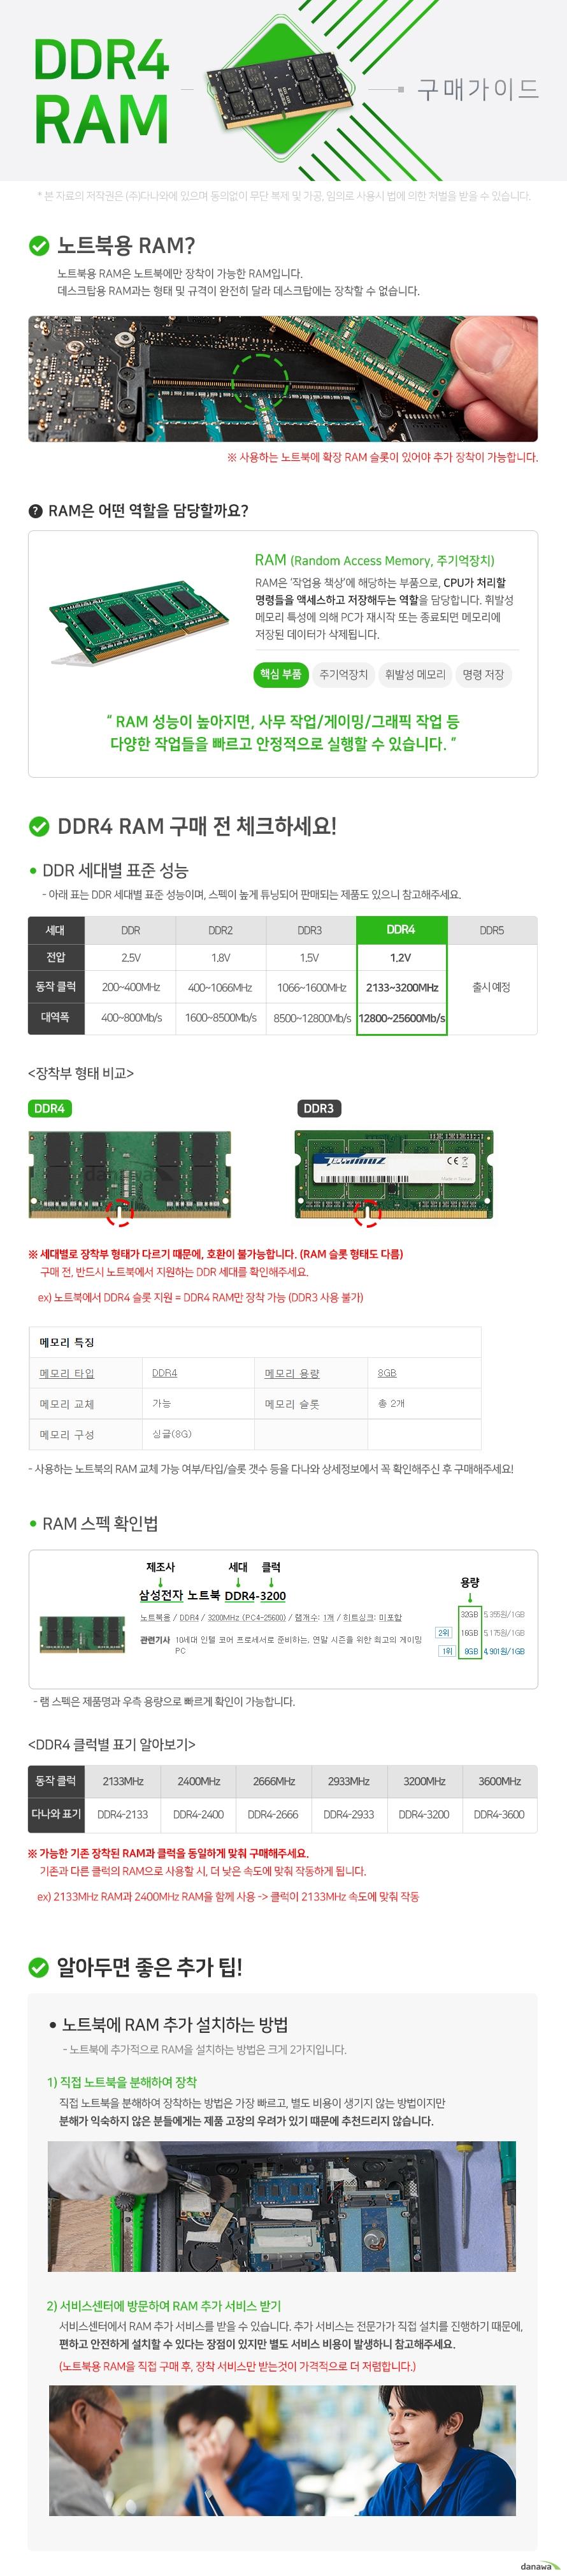 트랜센드 노트북 DDR4-3200 CL22 (8GB)